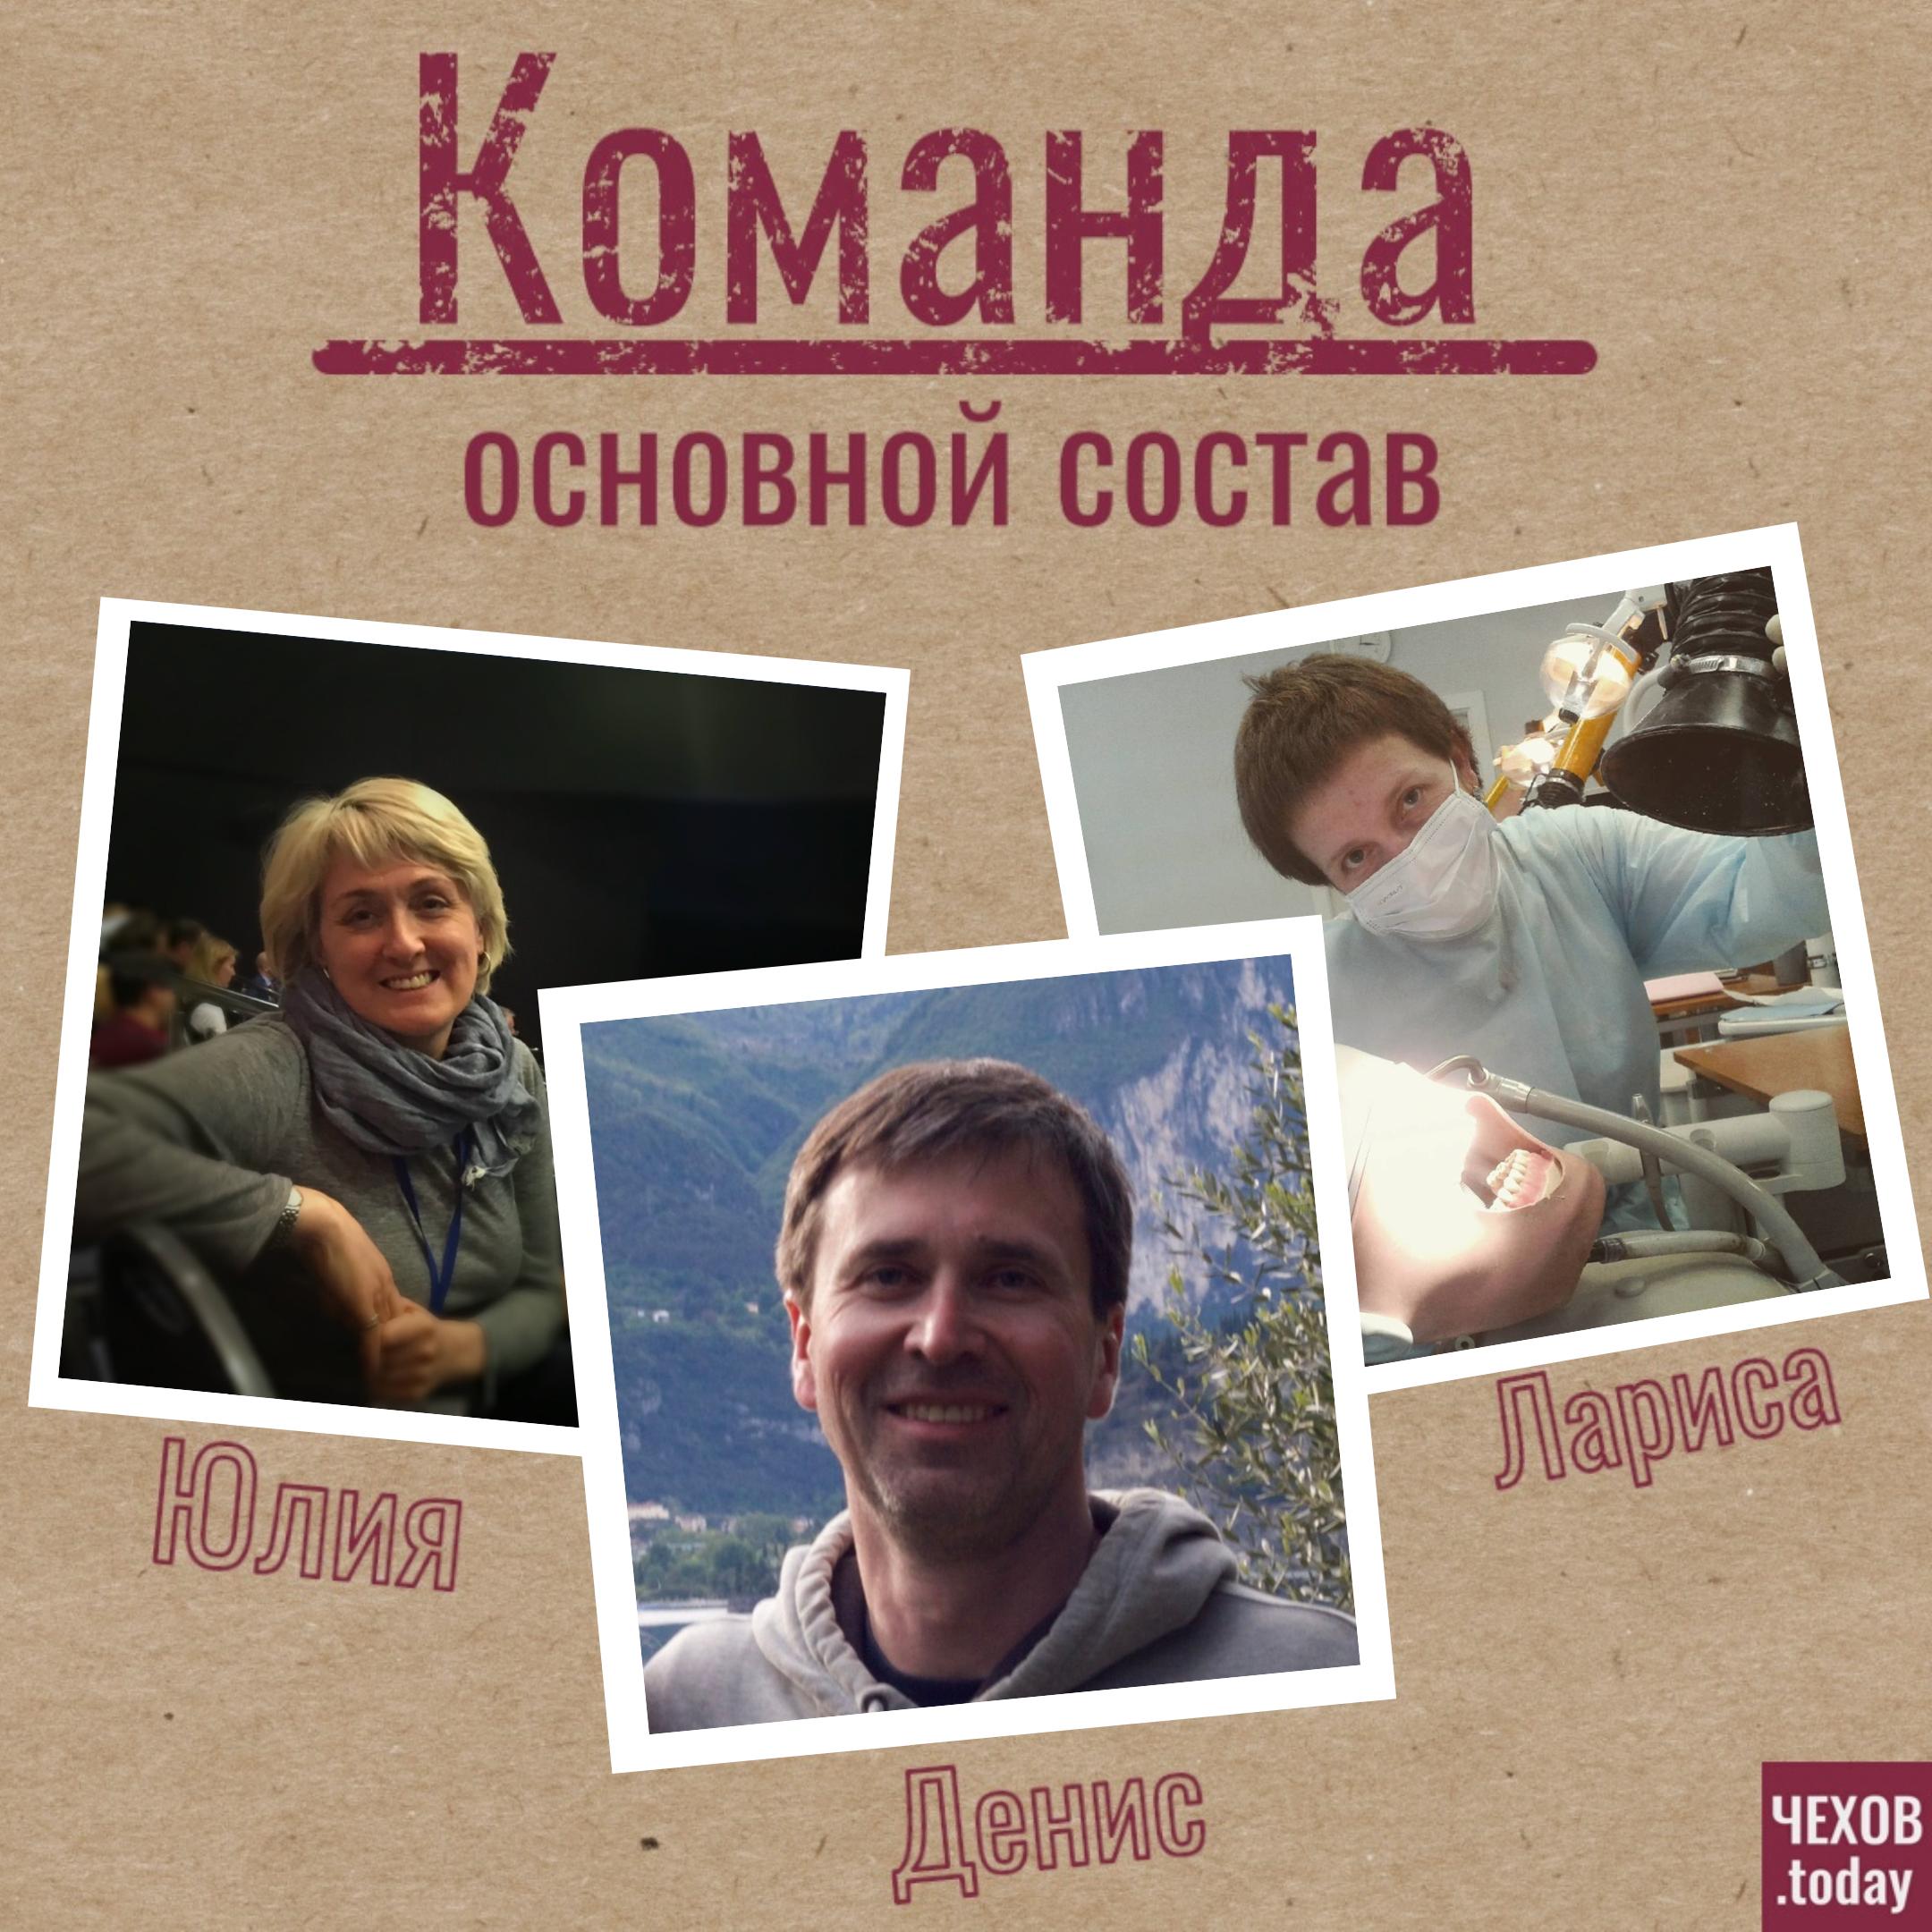 ЧЕХОВ.today — основной состав — моя фотка размыта но с улыбкой